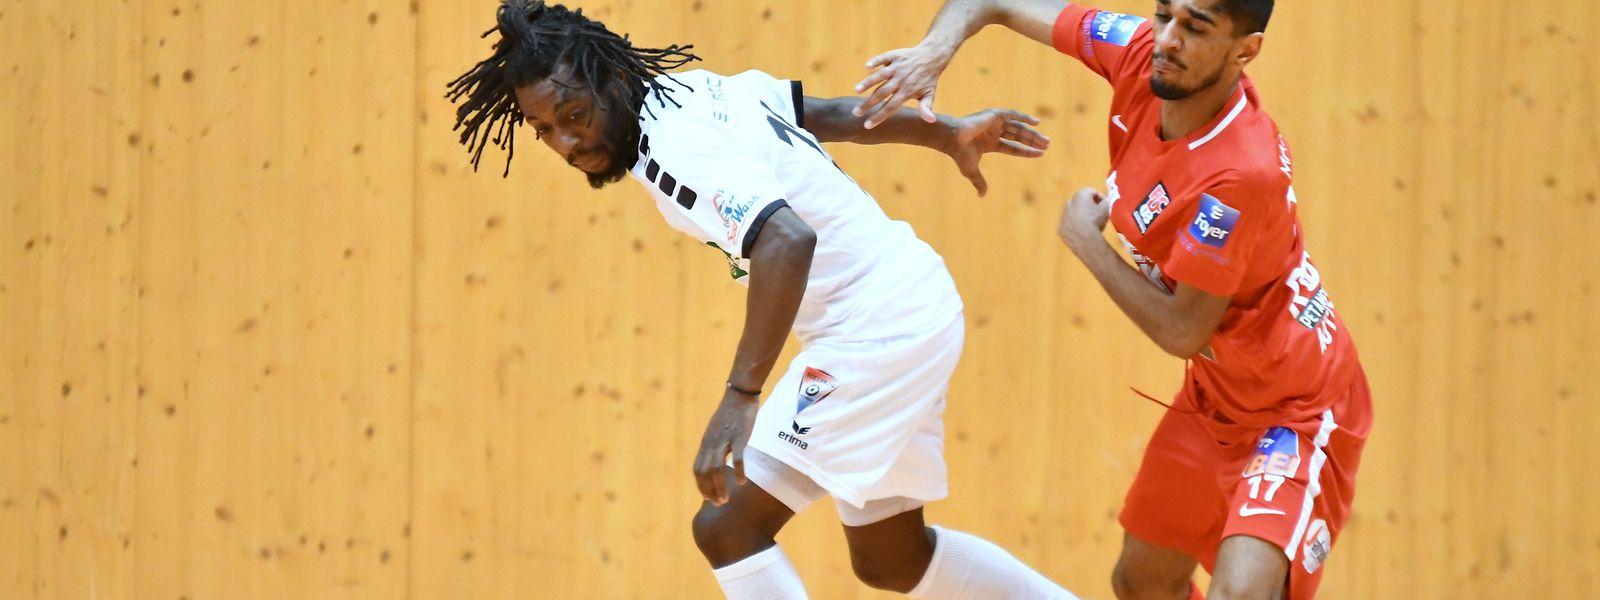 Ruben Reis (à dta.) assinou um 'hat-trick'  frente ao UT Pétange na vitória da sua equipa por 12-2.